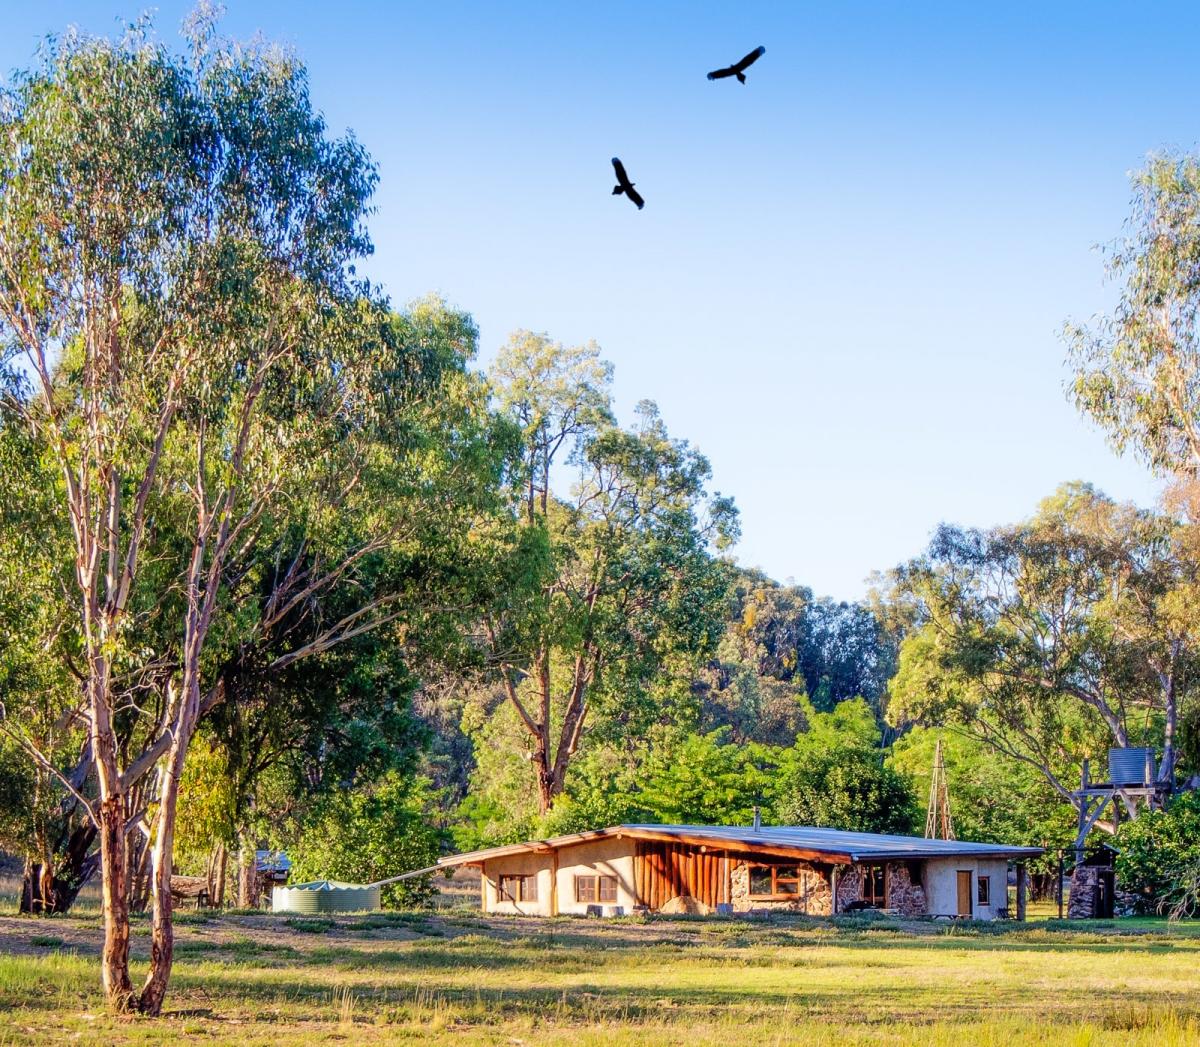 Barkala Farmstay tại Coonabarabran, Australia.Nguồn: Booking.com